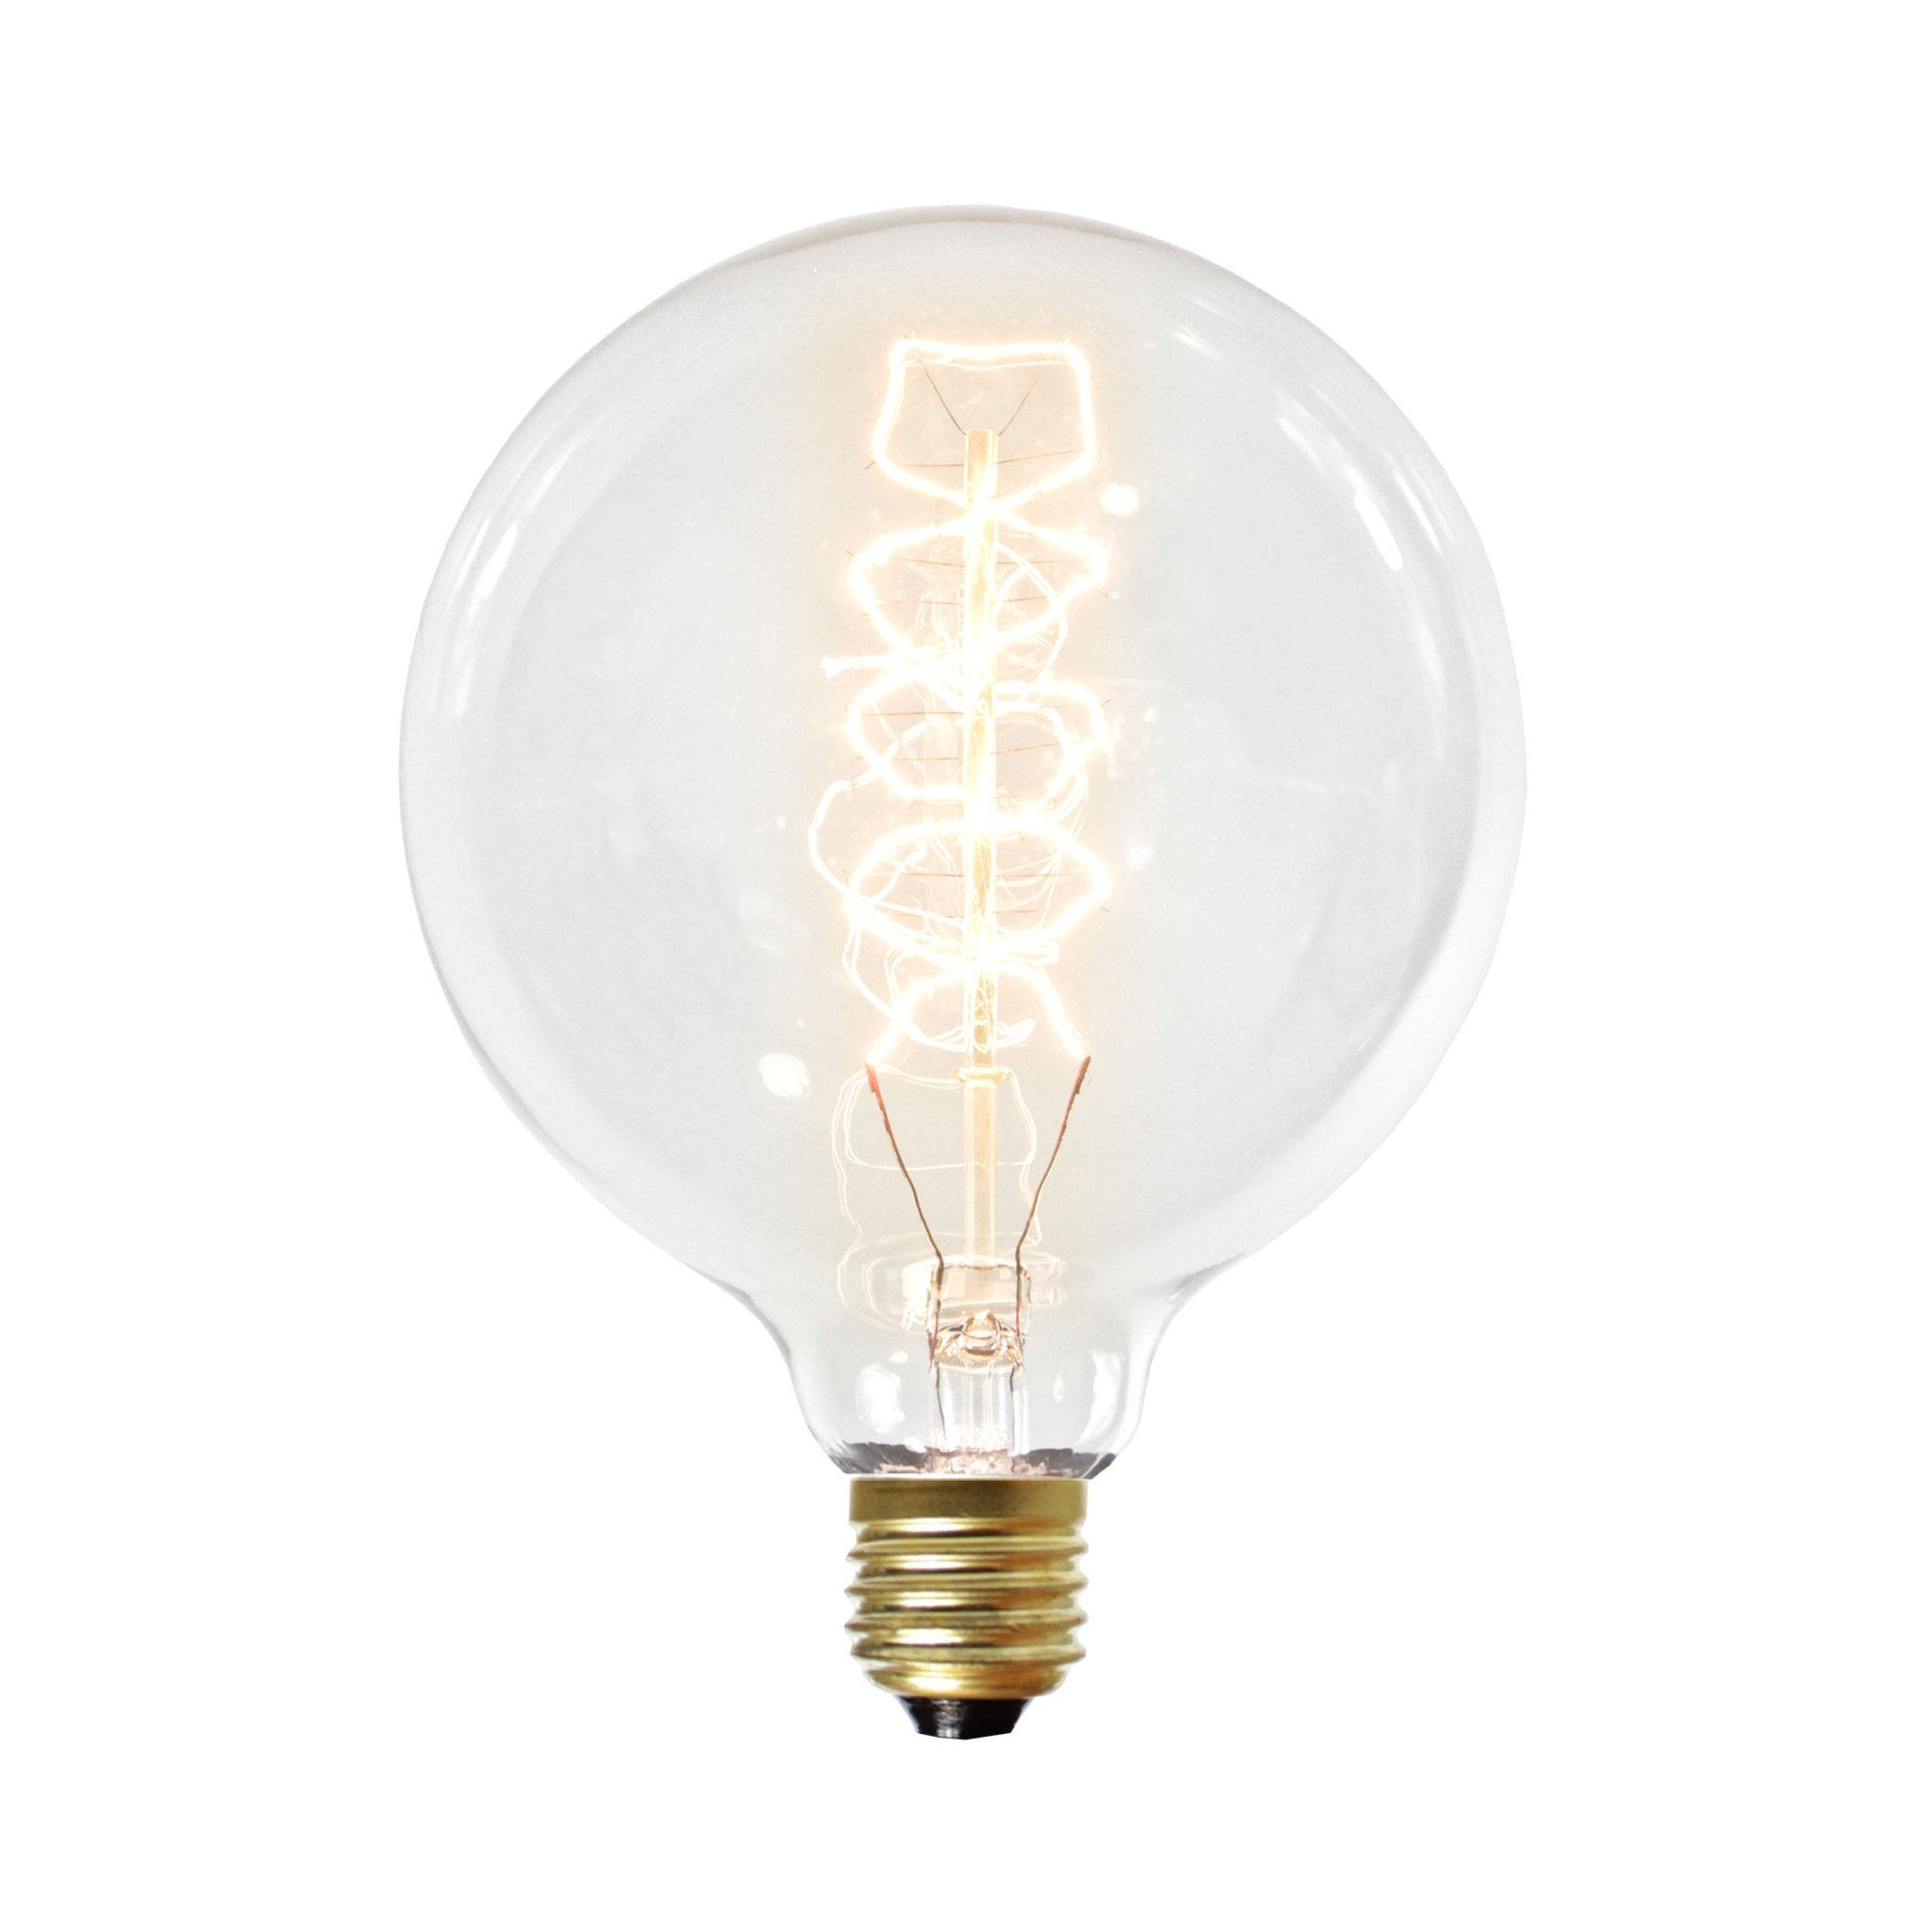 Fräscha Lampa, Glober, E27 125 mm - Glödlampor - Köp online på åhlens.se! WG-36